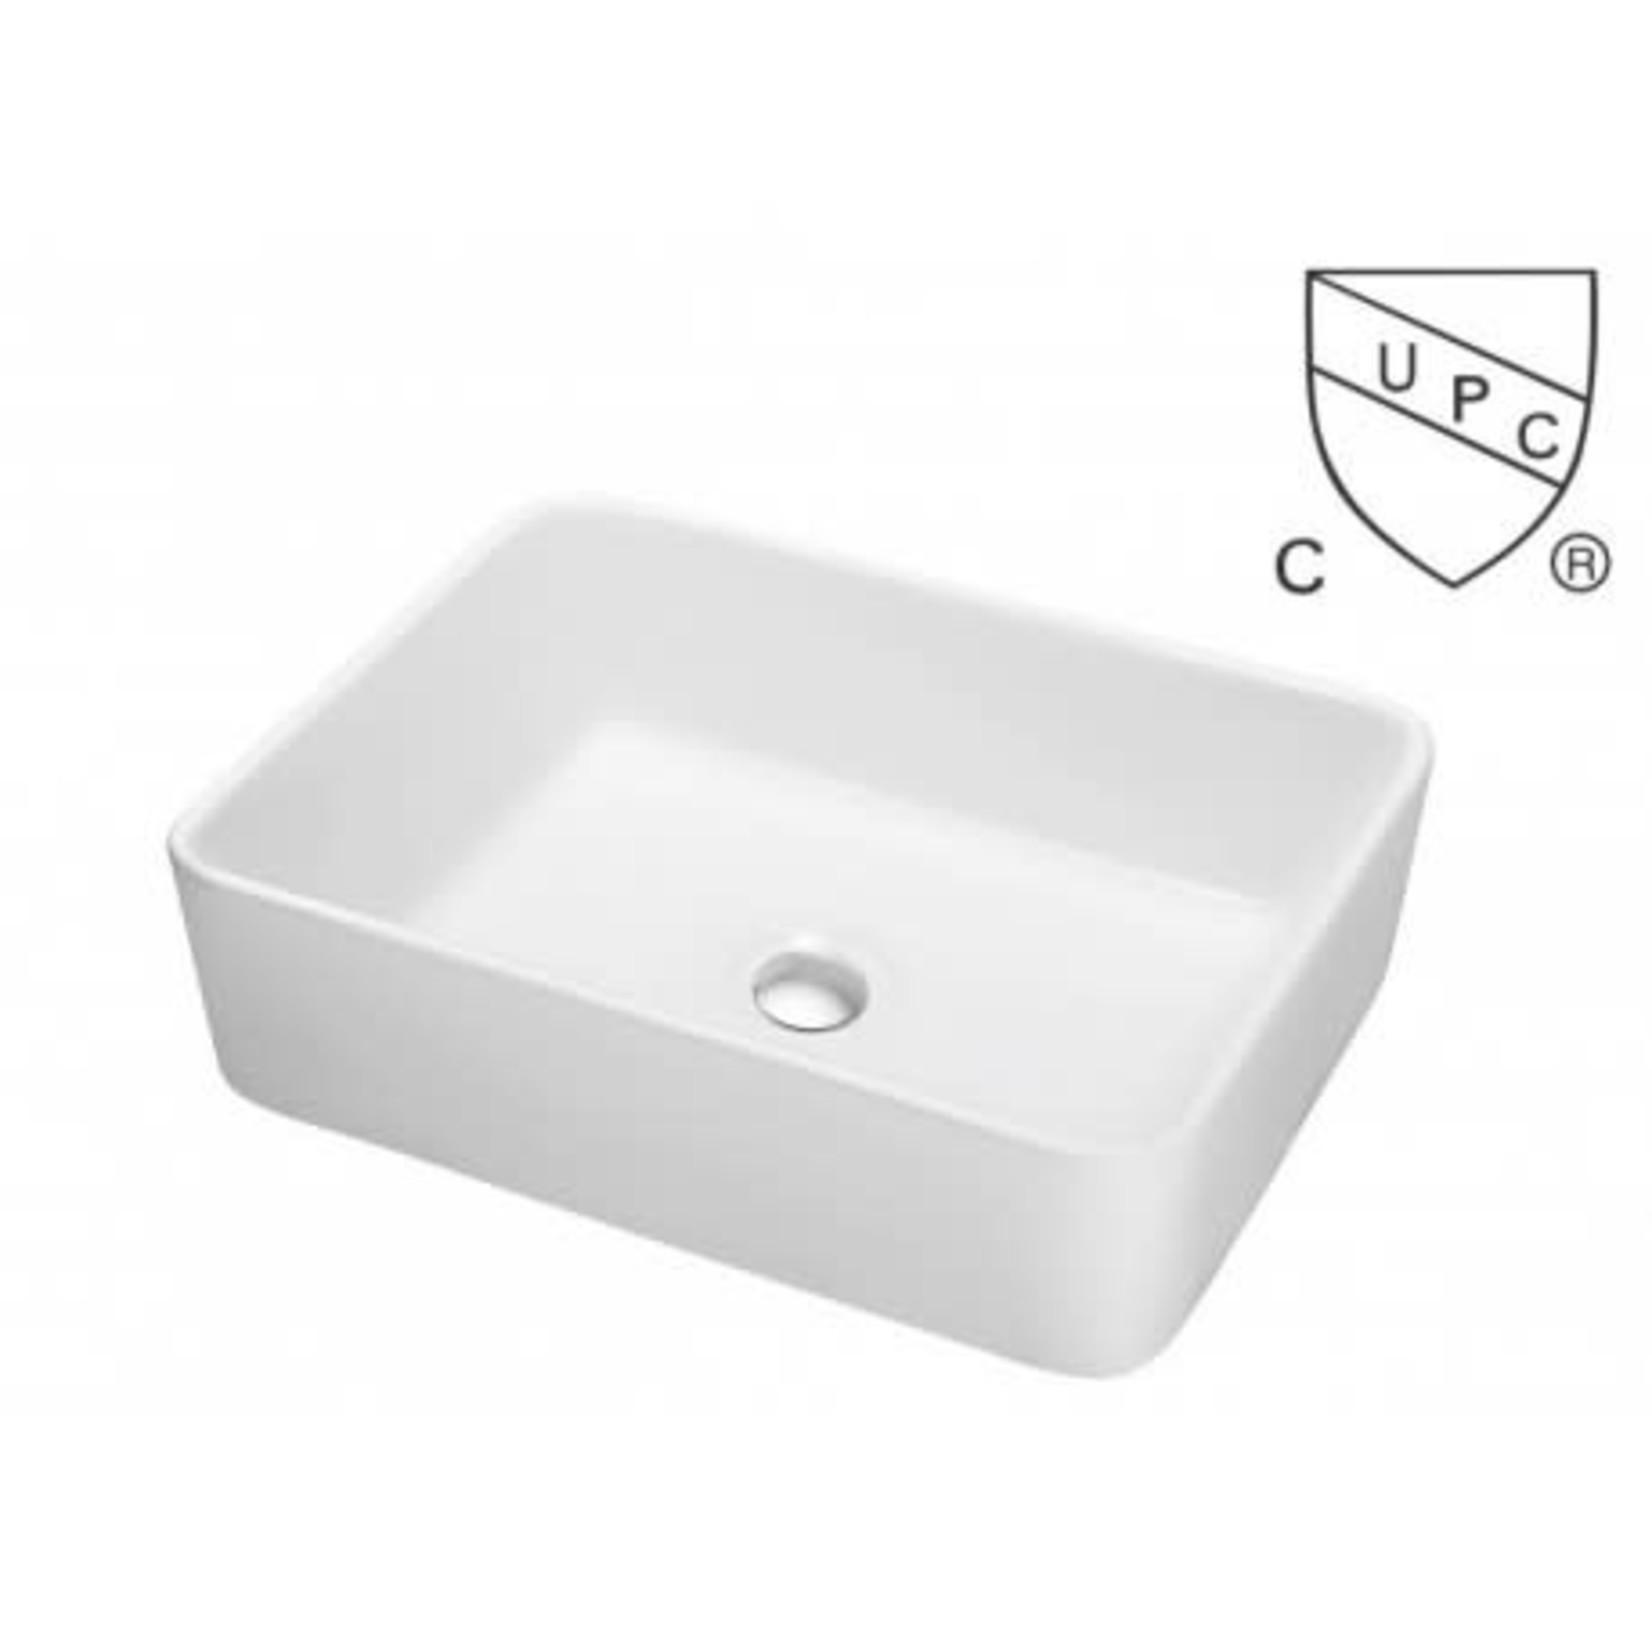 Luhö Vasque en porcelaine Luho 6009A